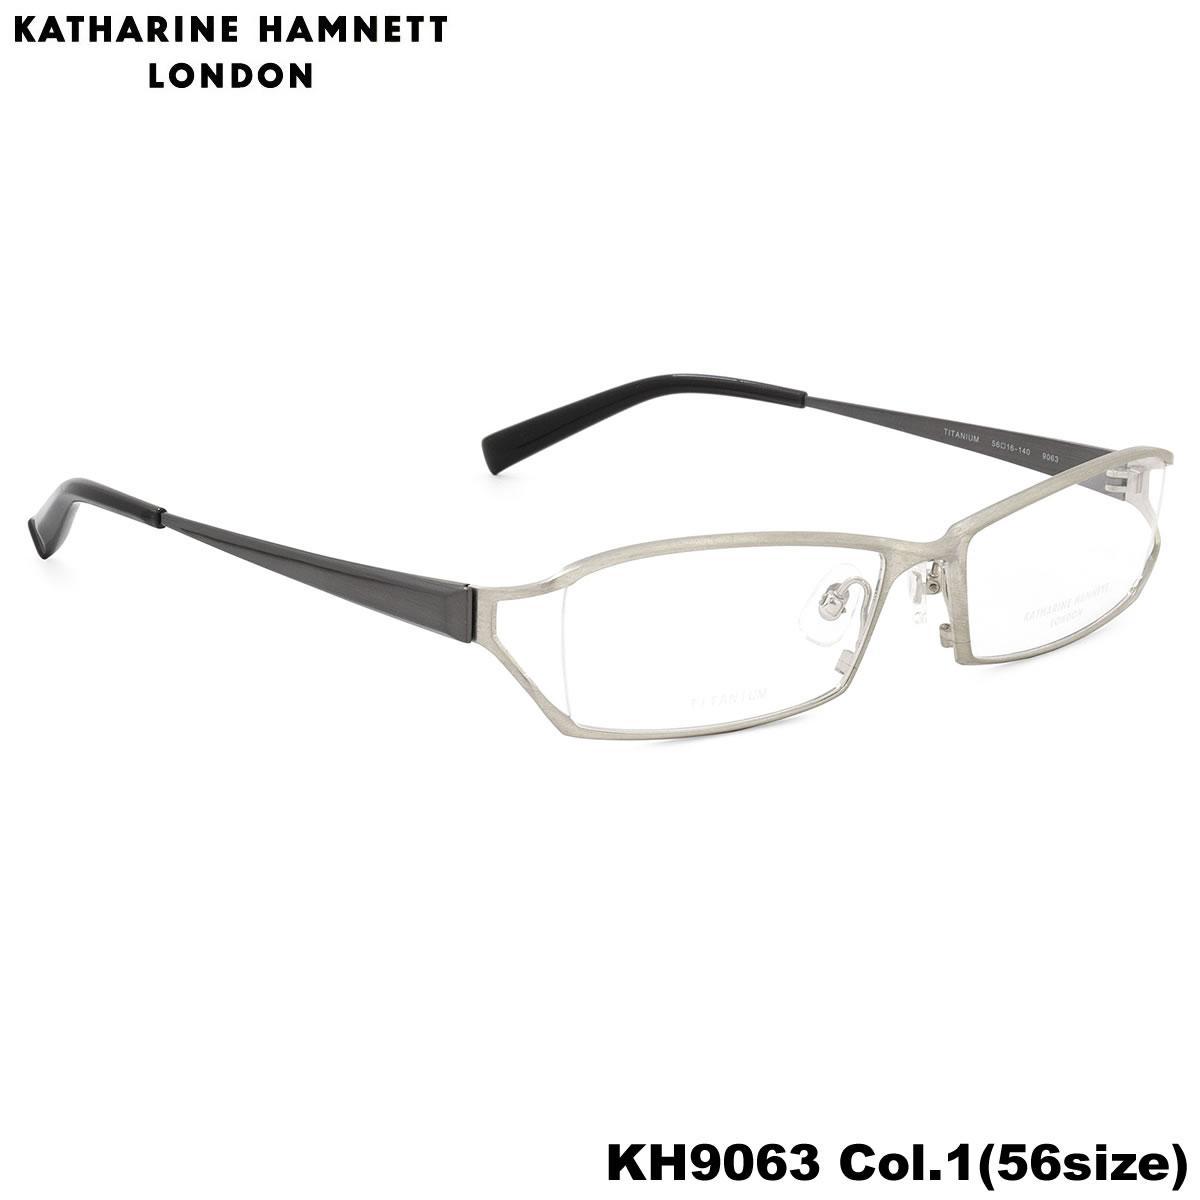 キャサリンハムネット KATHARINE HAMNETT メガネKH9063 1 56サイズ日本製 スクエア チタン TITANIUM キャサリンハムネット KATHARINEHAMNETT 伊達メガネレンズ無料 メンズ レディース